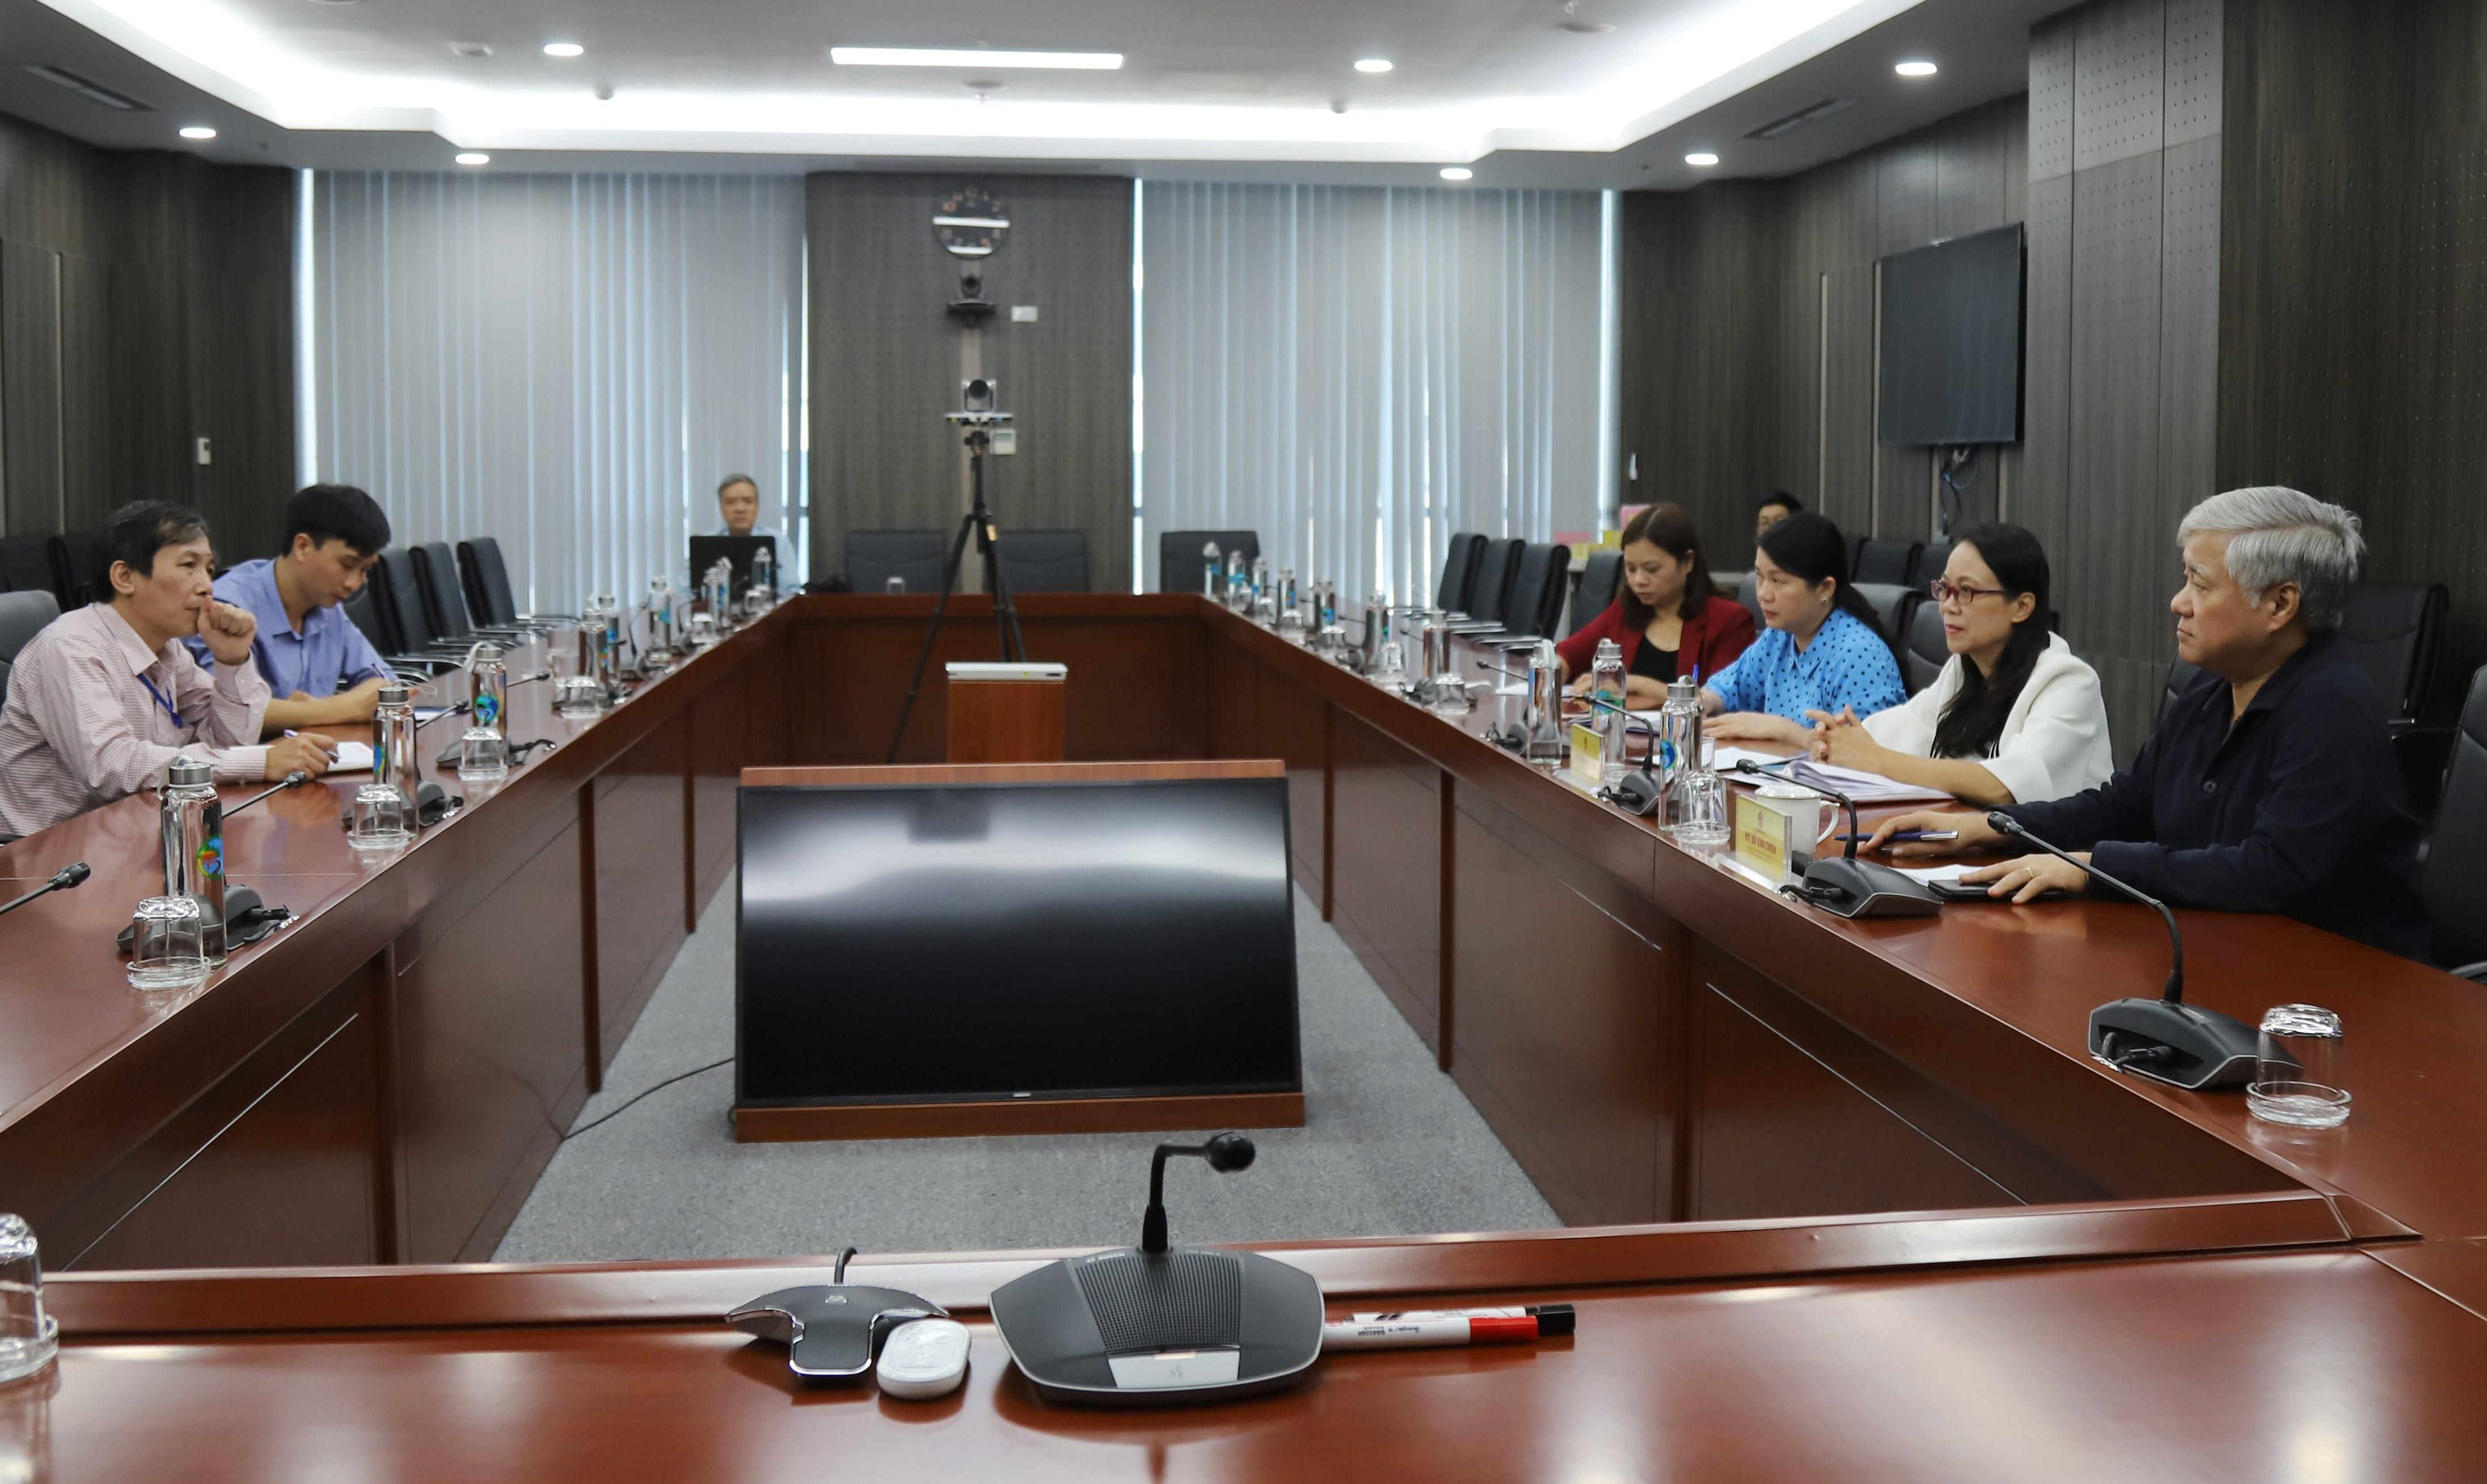 Bộ trưởng, Chủ nhiệm Đỗ Văn Chiến chủ trì buổi duyệt phim